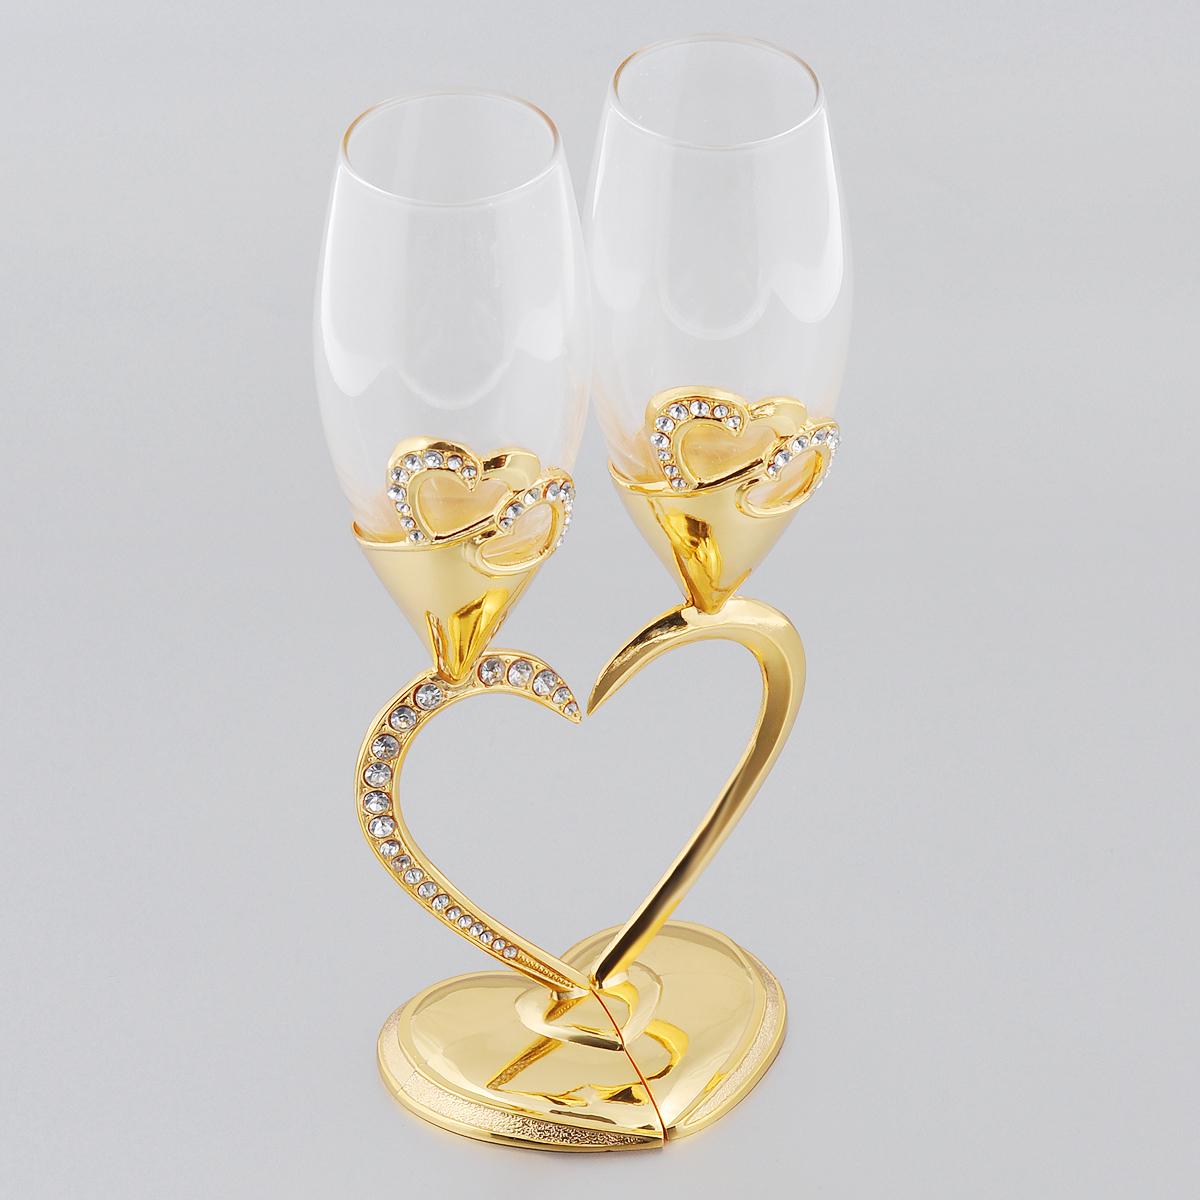 Набор бокалов Marquis Сердце, цвет: золотистый, 2 шт. 2127-MR2127-MRНабор Marquis Сердце состоит из двух бокалов на высоких ножках. Бокалы выполнены из стекла. Изящные ножки изготовлены из стали в виде двух половинок сердца. Изделия декорированы изображениями сердец и стразами. Бокалы идеально подойдут для шампанского и вина. Набор станет прекрасным дополнением романтического вечера. Изысканные изделия необычного оформления понравятся и ценителям классики, и тем, кто предпочитает утонченность и изысканность.